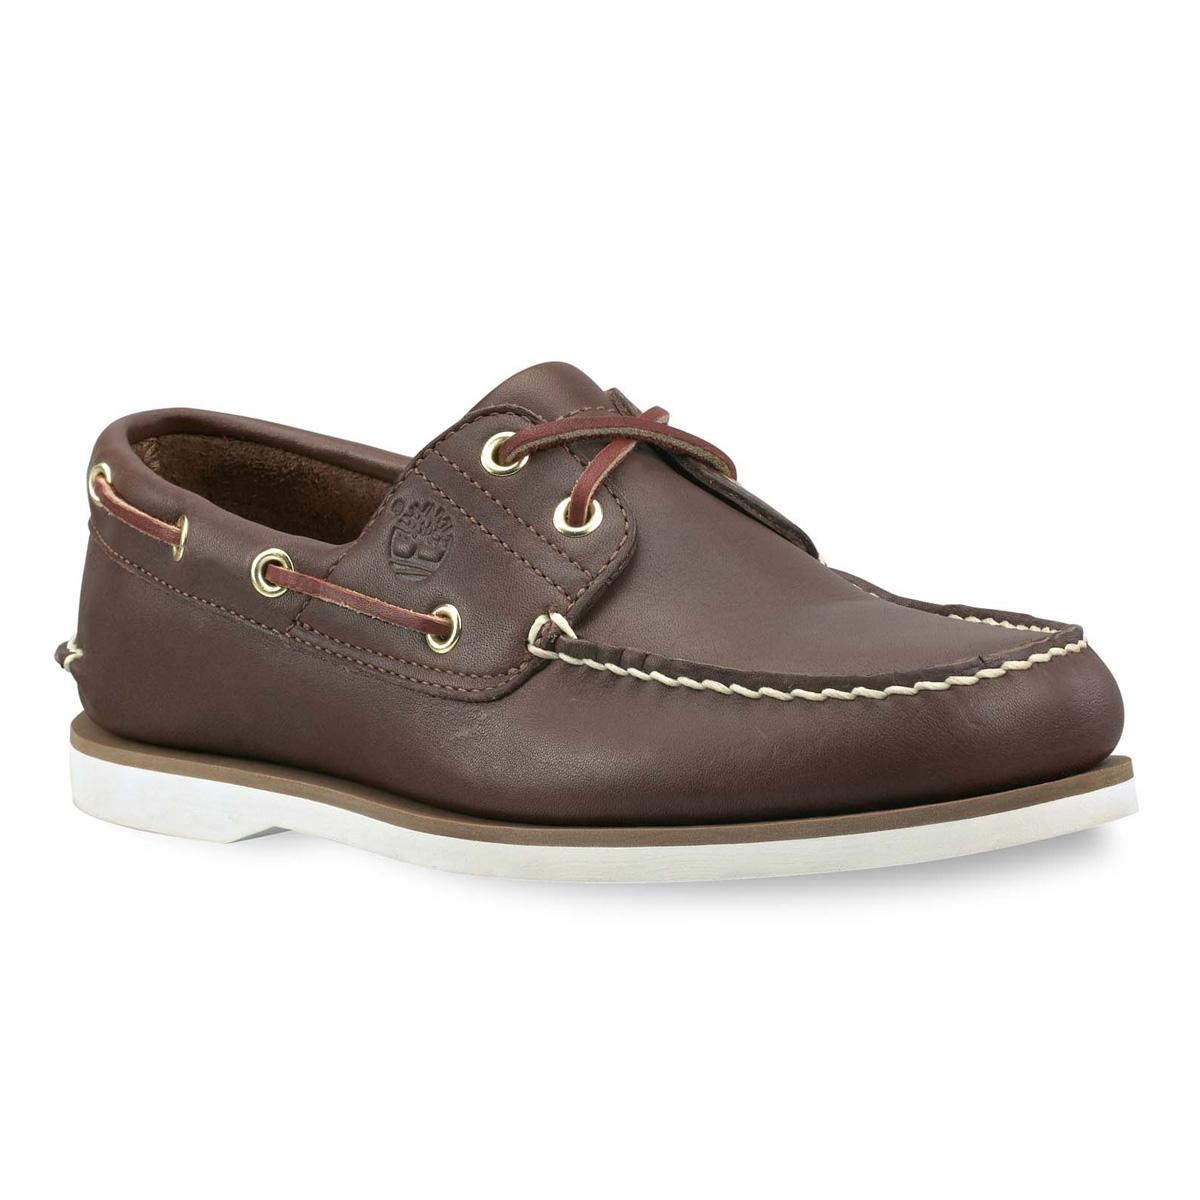 รองเท้าหนัง Men's Earthkeepers Timberland Icon Classic 2 Tone 2 Eye Boat Shoe (Men's) - Dark Brown Smooth Size 40 - 44 พร้อมกล่อง